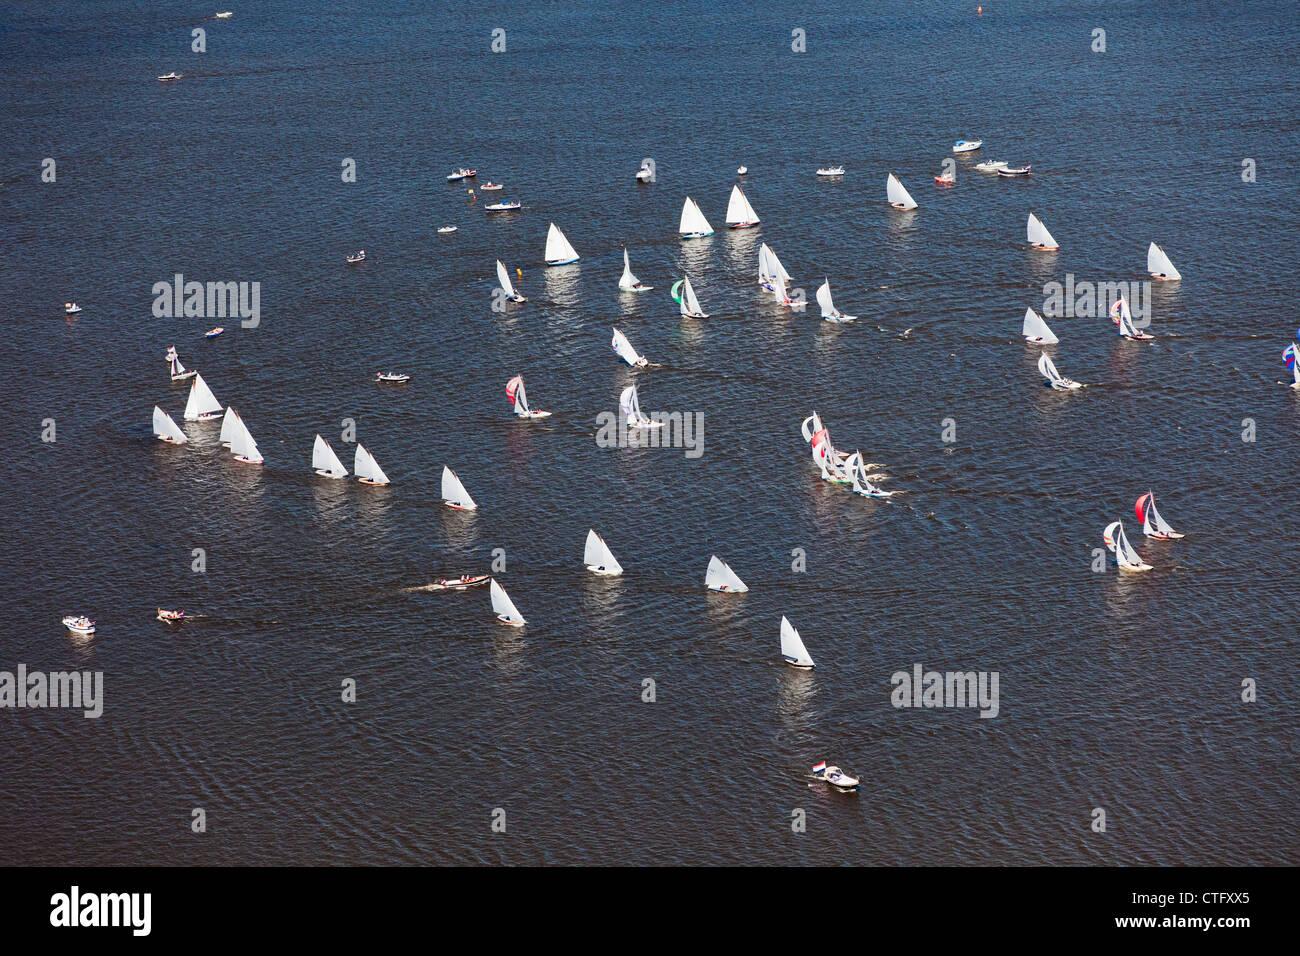 Die Niederlande, Loosdrecht, Antenne. Racing von Segelbooten auf See Loosdrecht Seen genannt. Stockbild